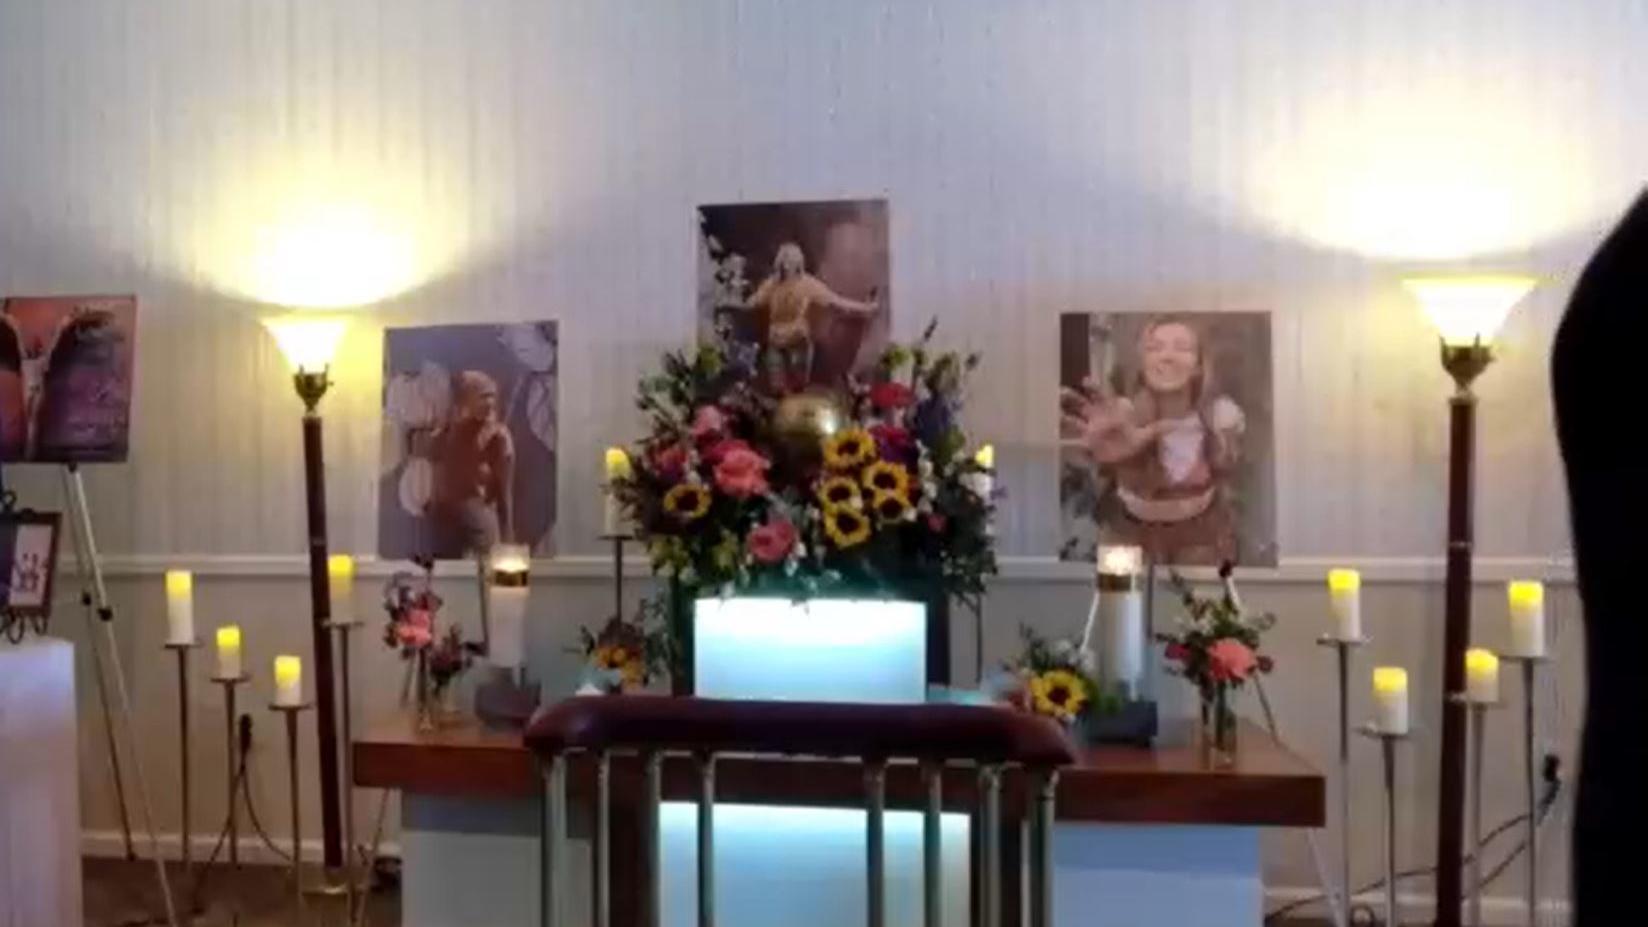 Zu dem emotionalen Gottesdienst für Gabby Petito kamen viele Menschen.